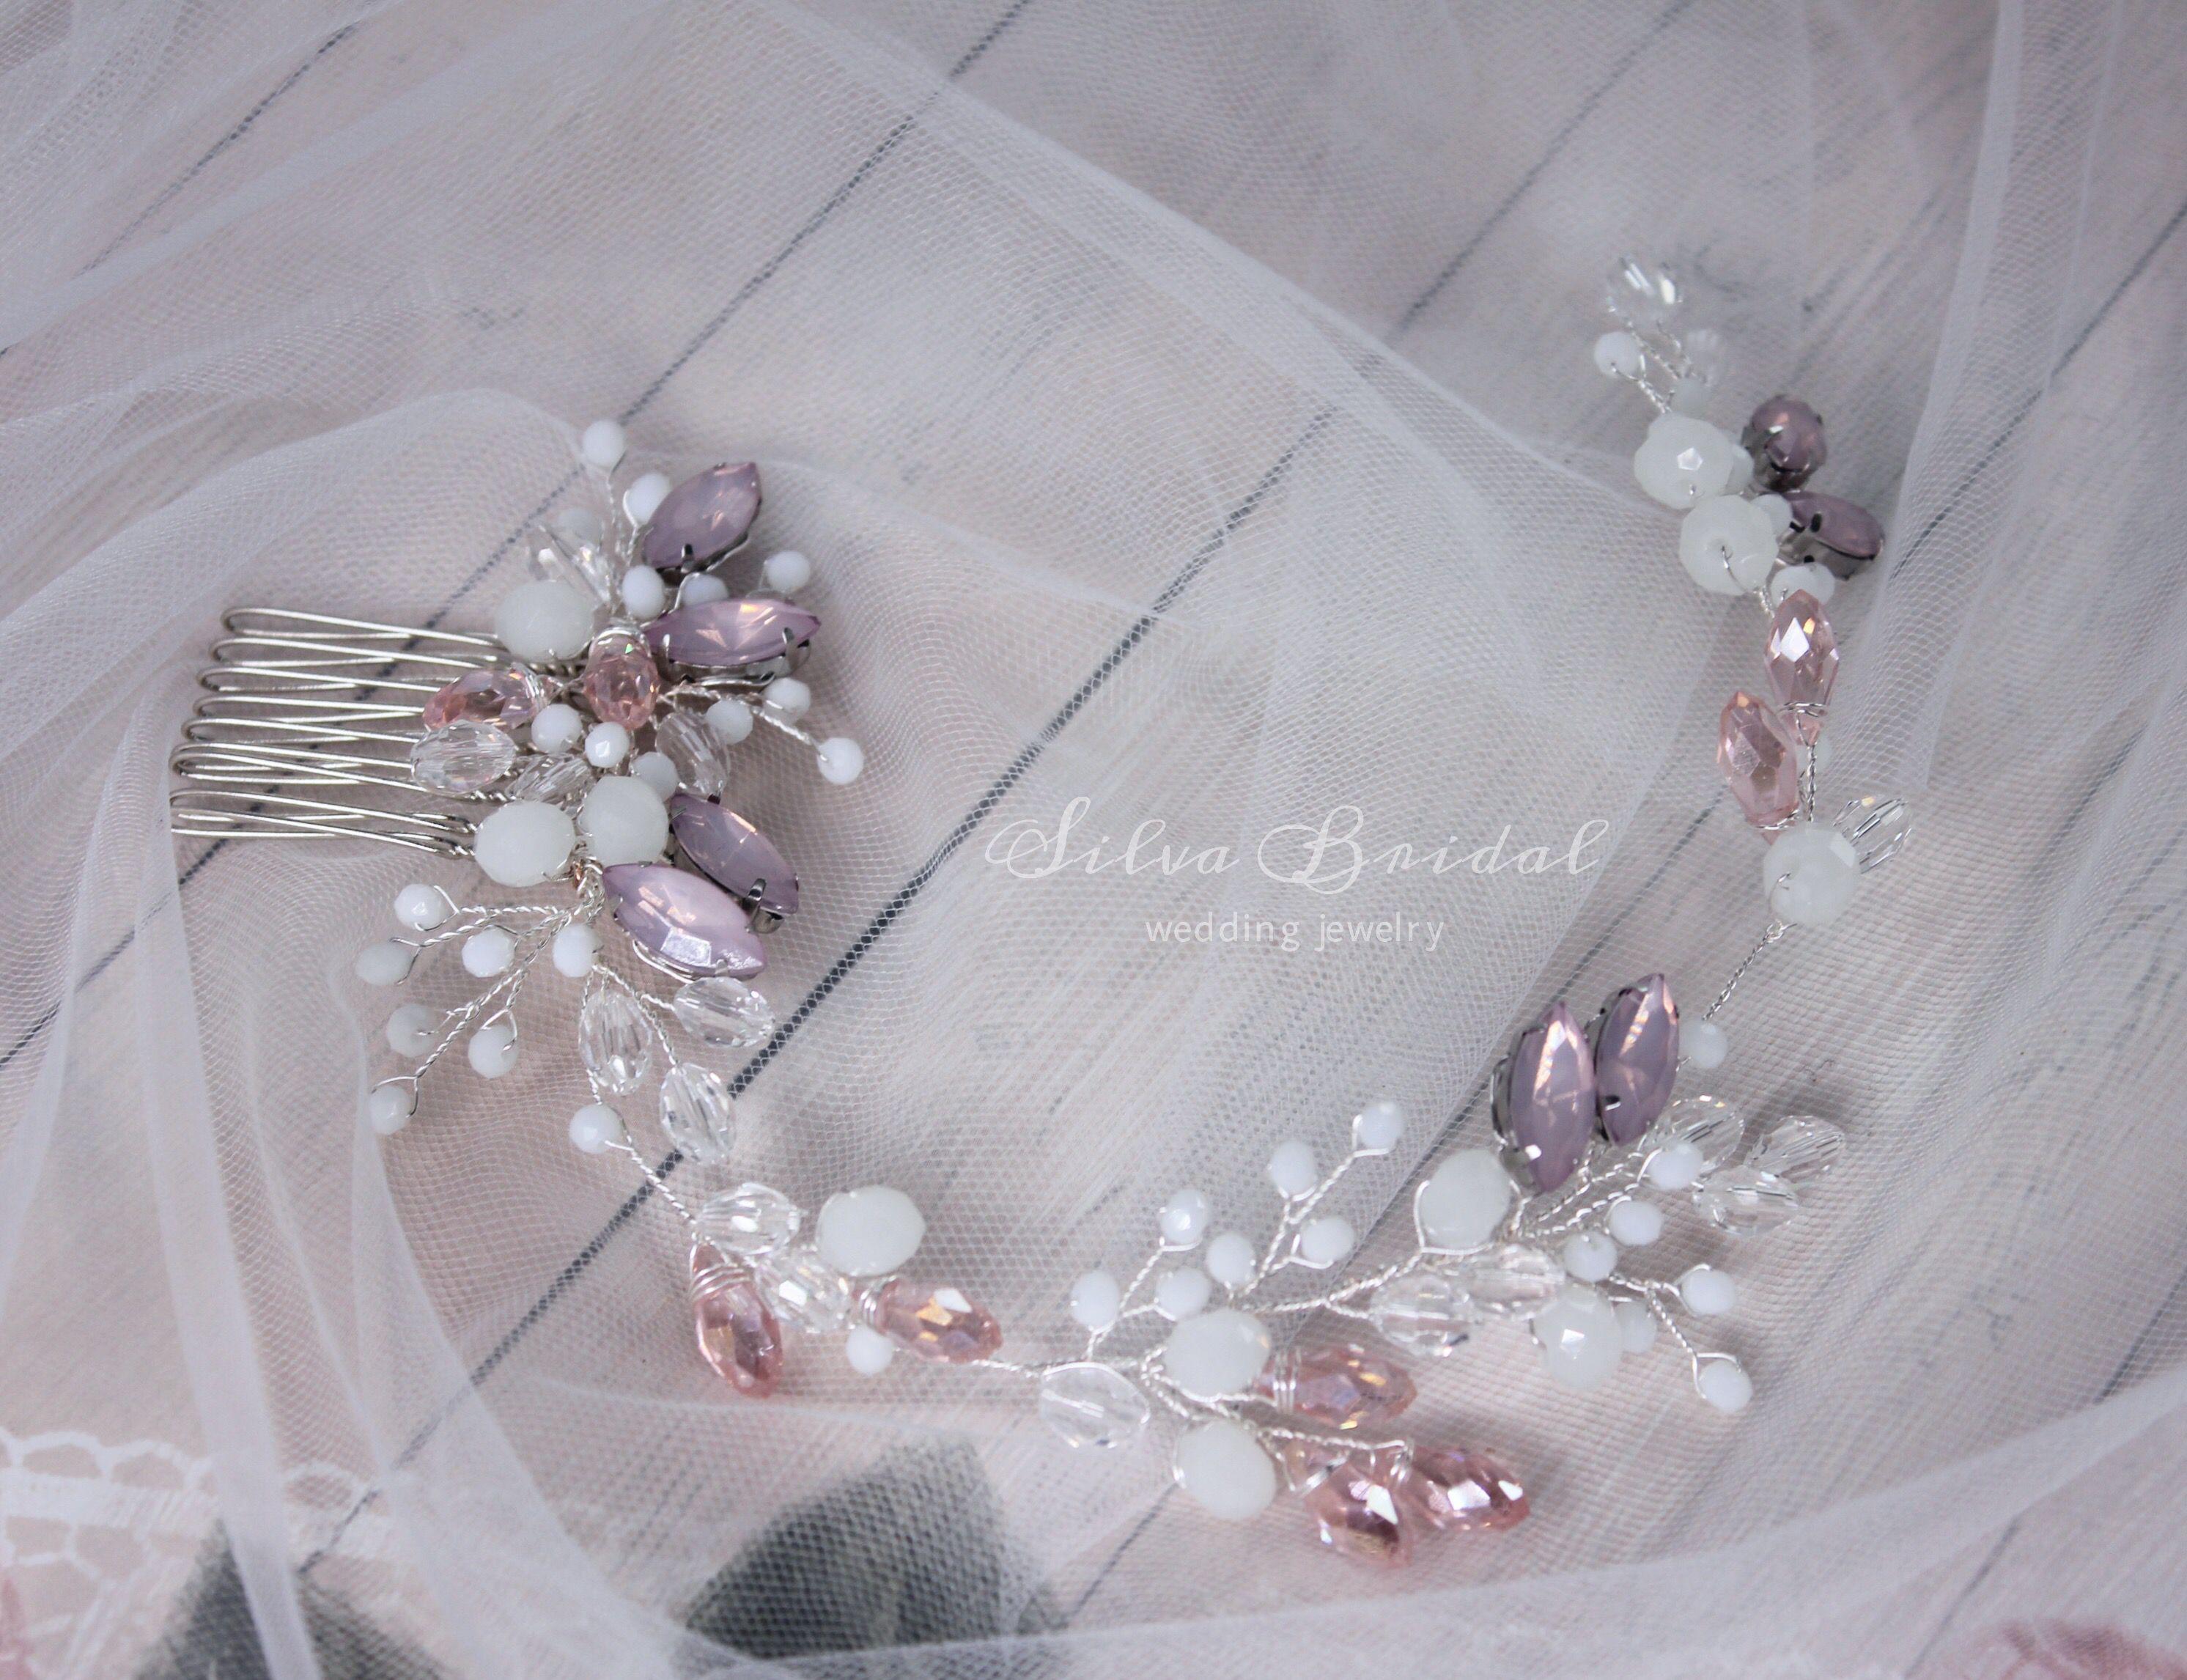 прическу свадебные украшение для волосы корона гребень свадебное украшения невесты в